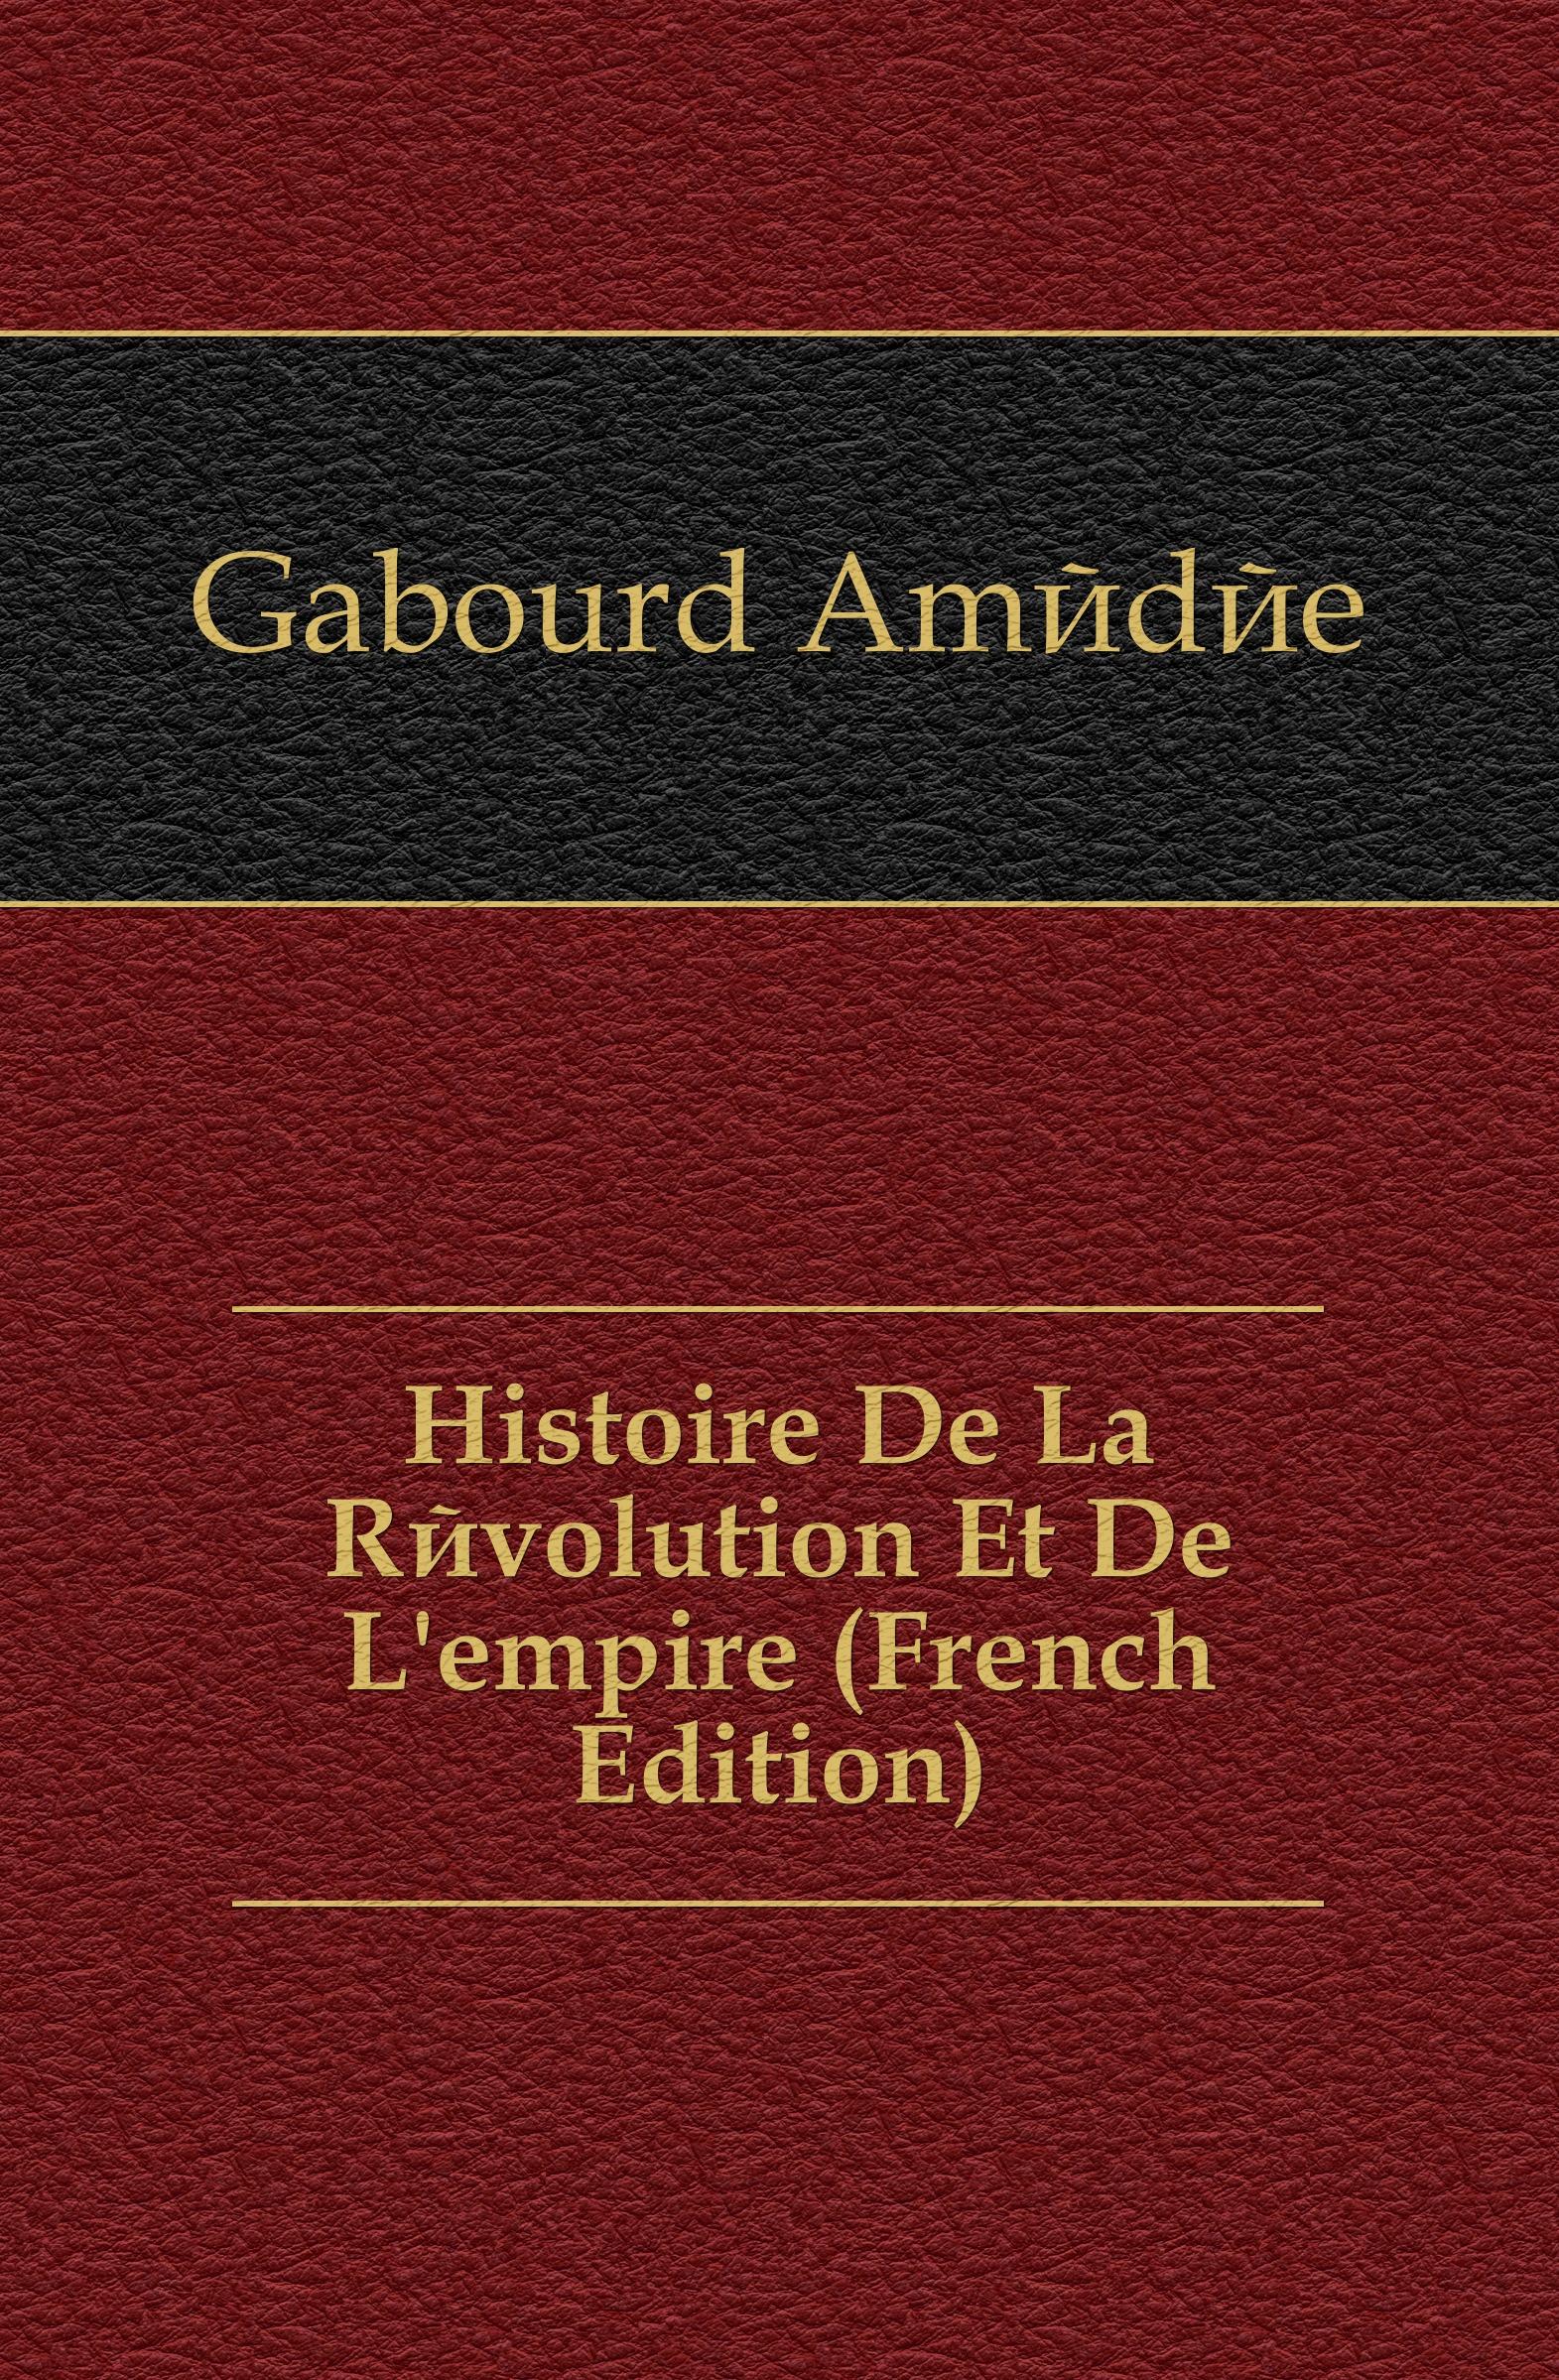 Gabourd Amédée Histoire De La Revolution Et De L.empire